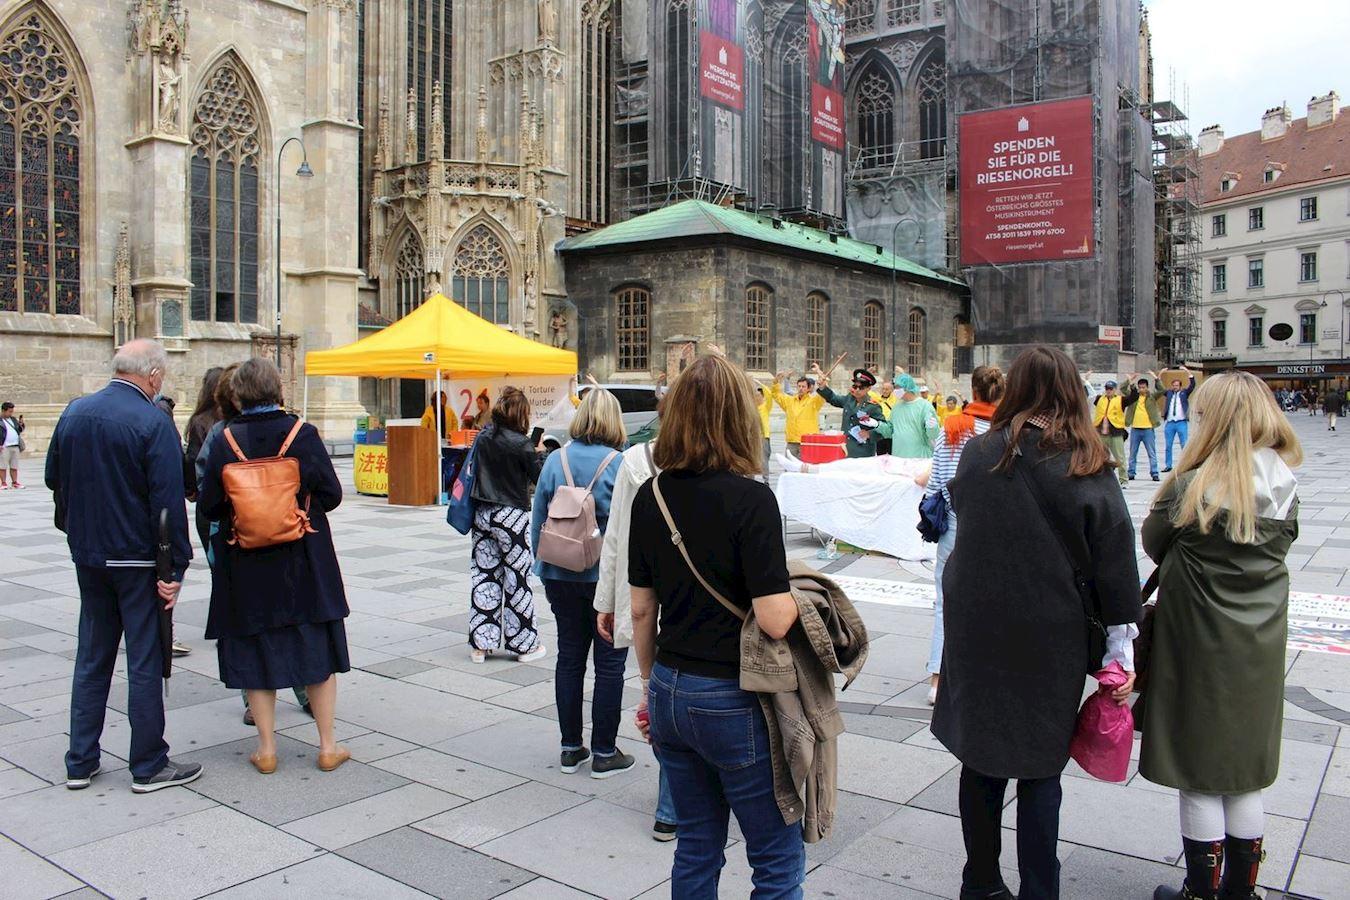 法輪功學員反迫害21年 奧地利政要致函支持